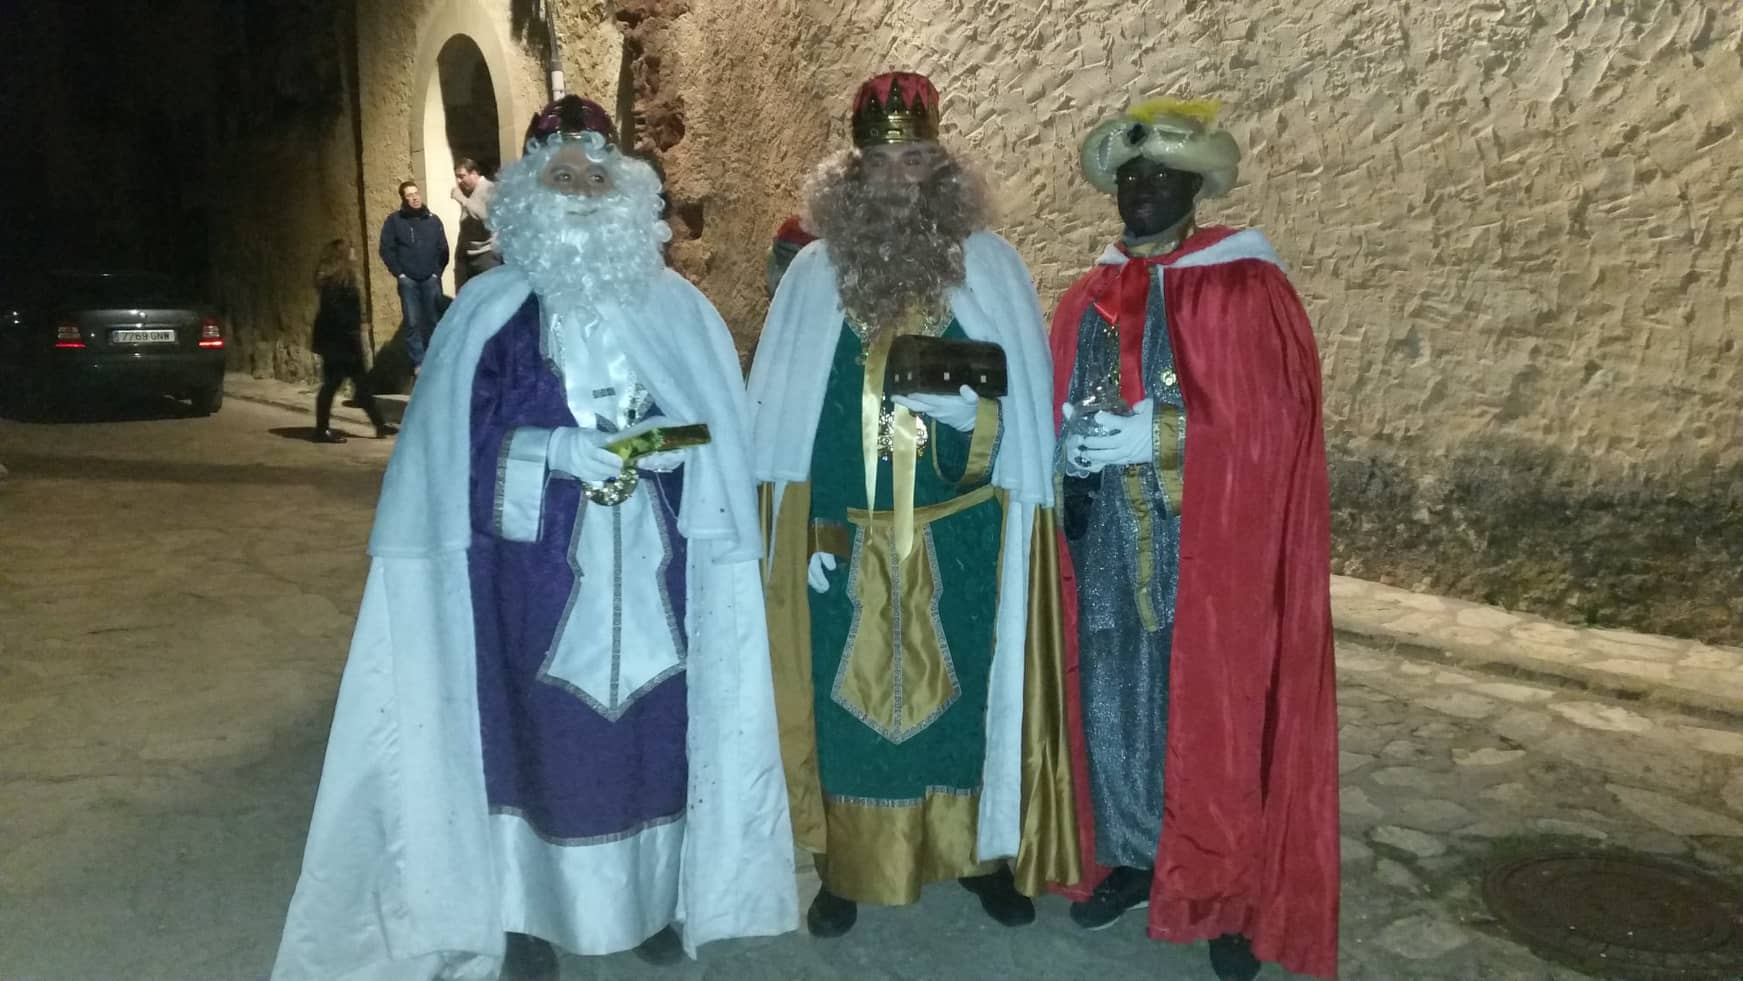 Los Reyes Magos llegan a Molina tirados de tractores